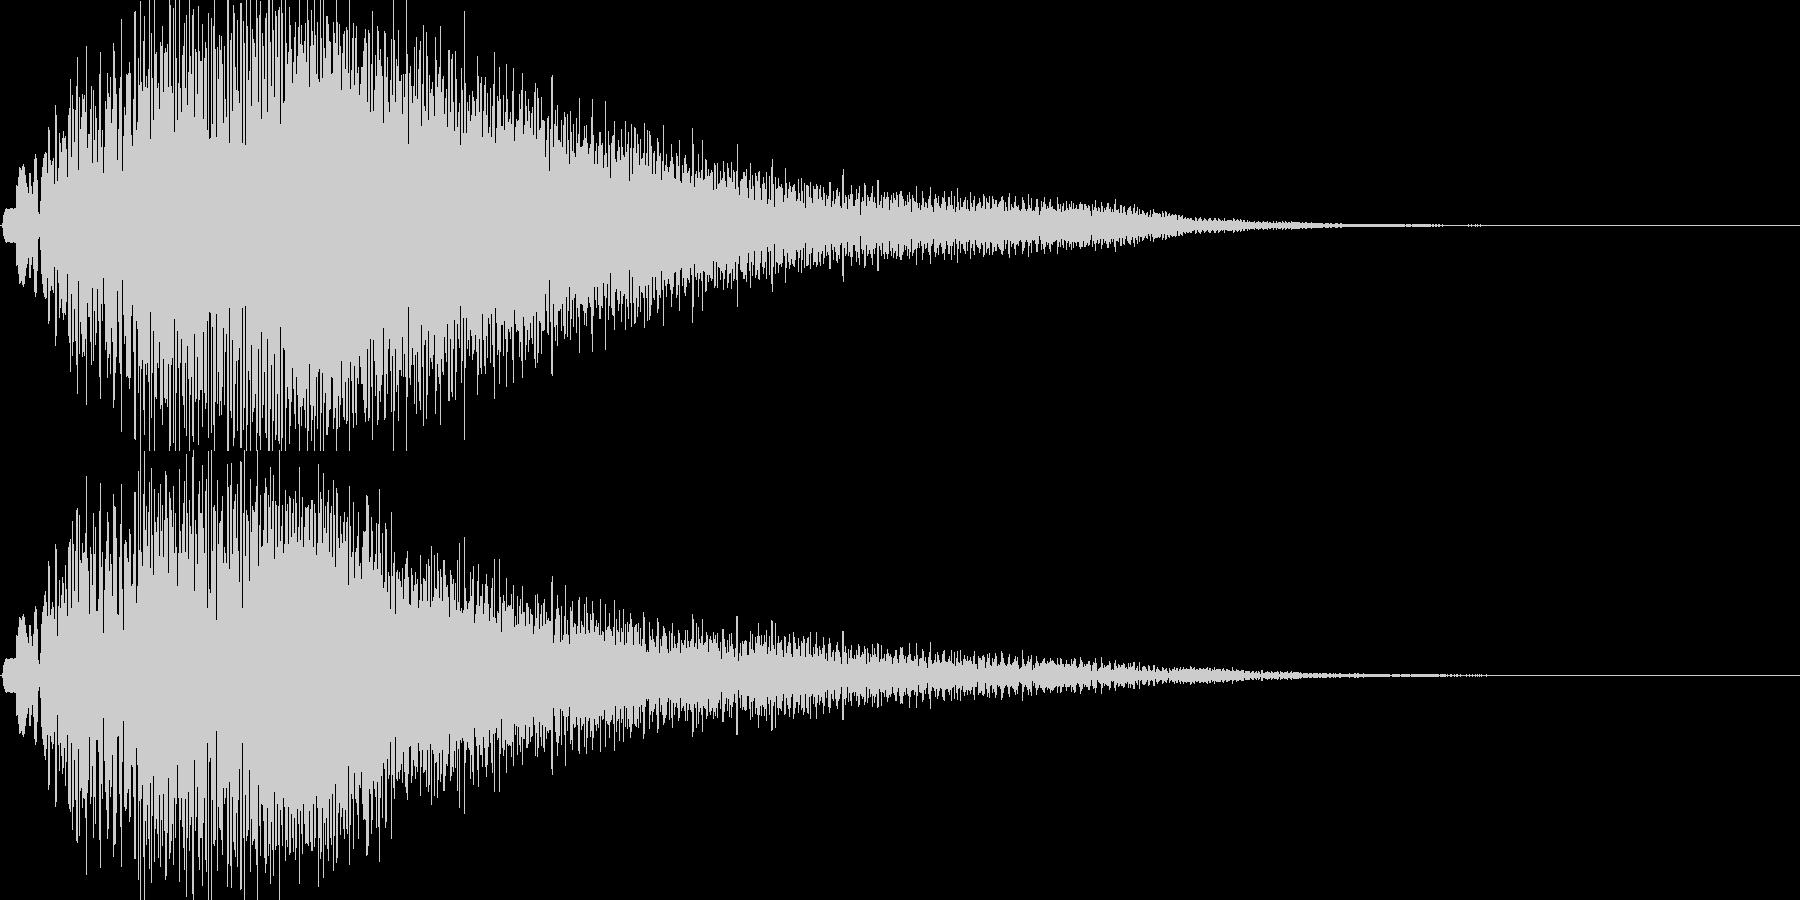 ポロロン(温かくオシャレなエレピ音)の未再生の波形